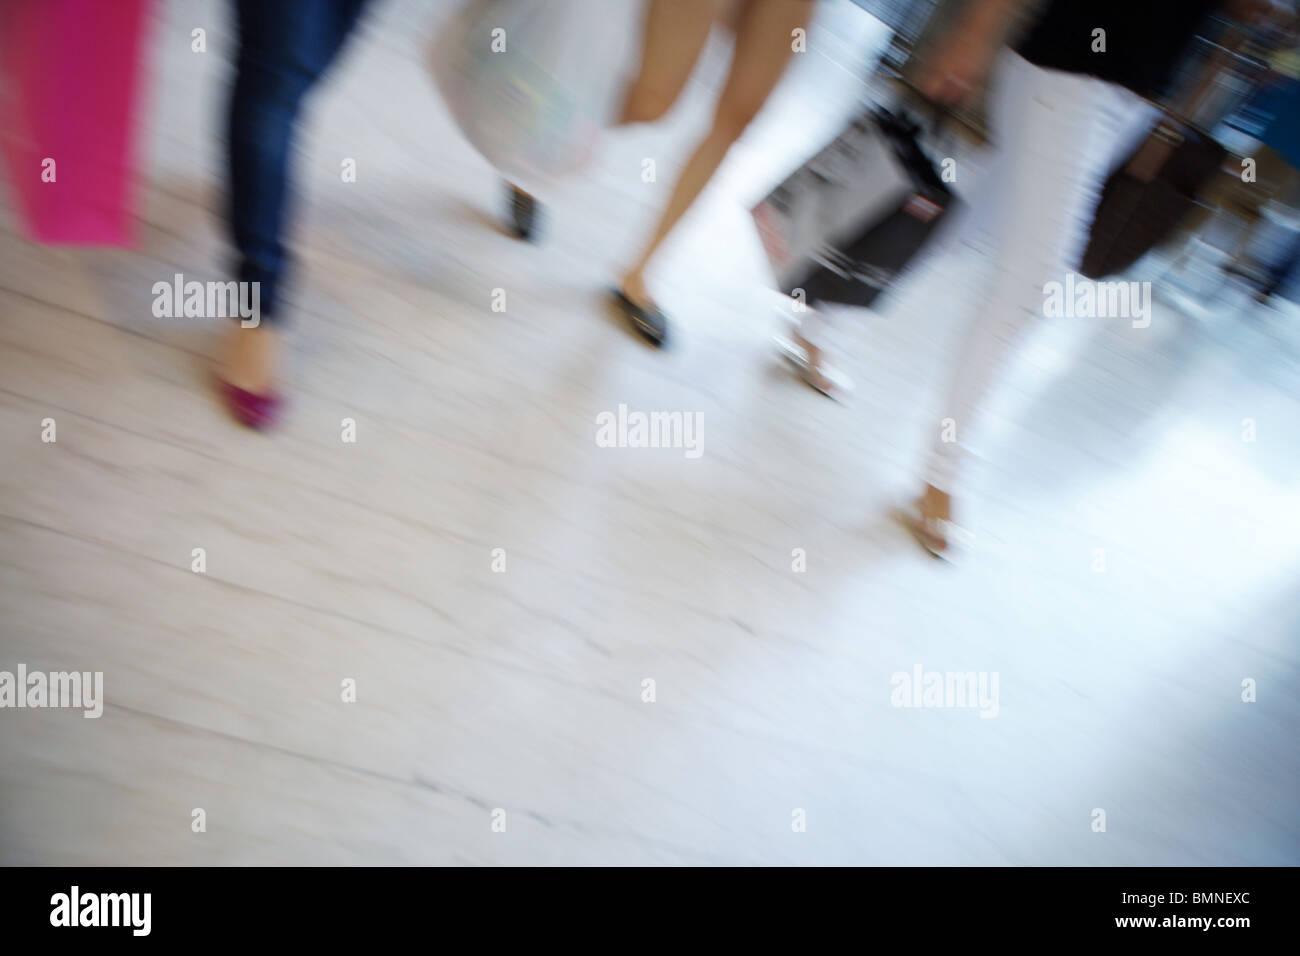 """Las personas caminando blur compras borrosa escena callejera en Roma Italia Europa """"piernas separadas' Imagen De Stock"""